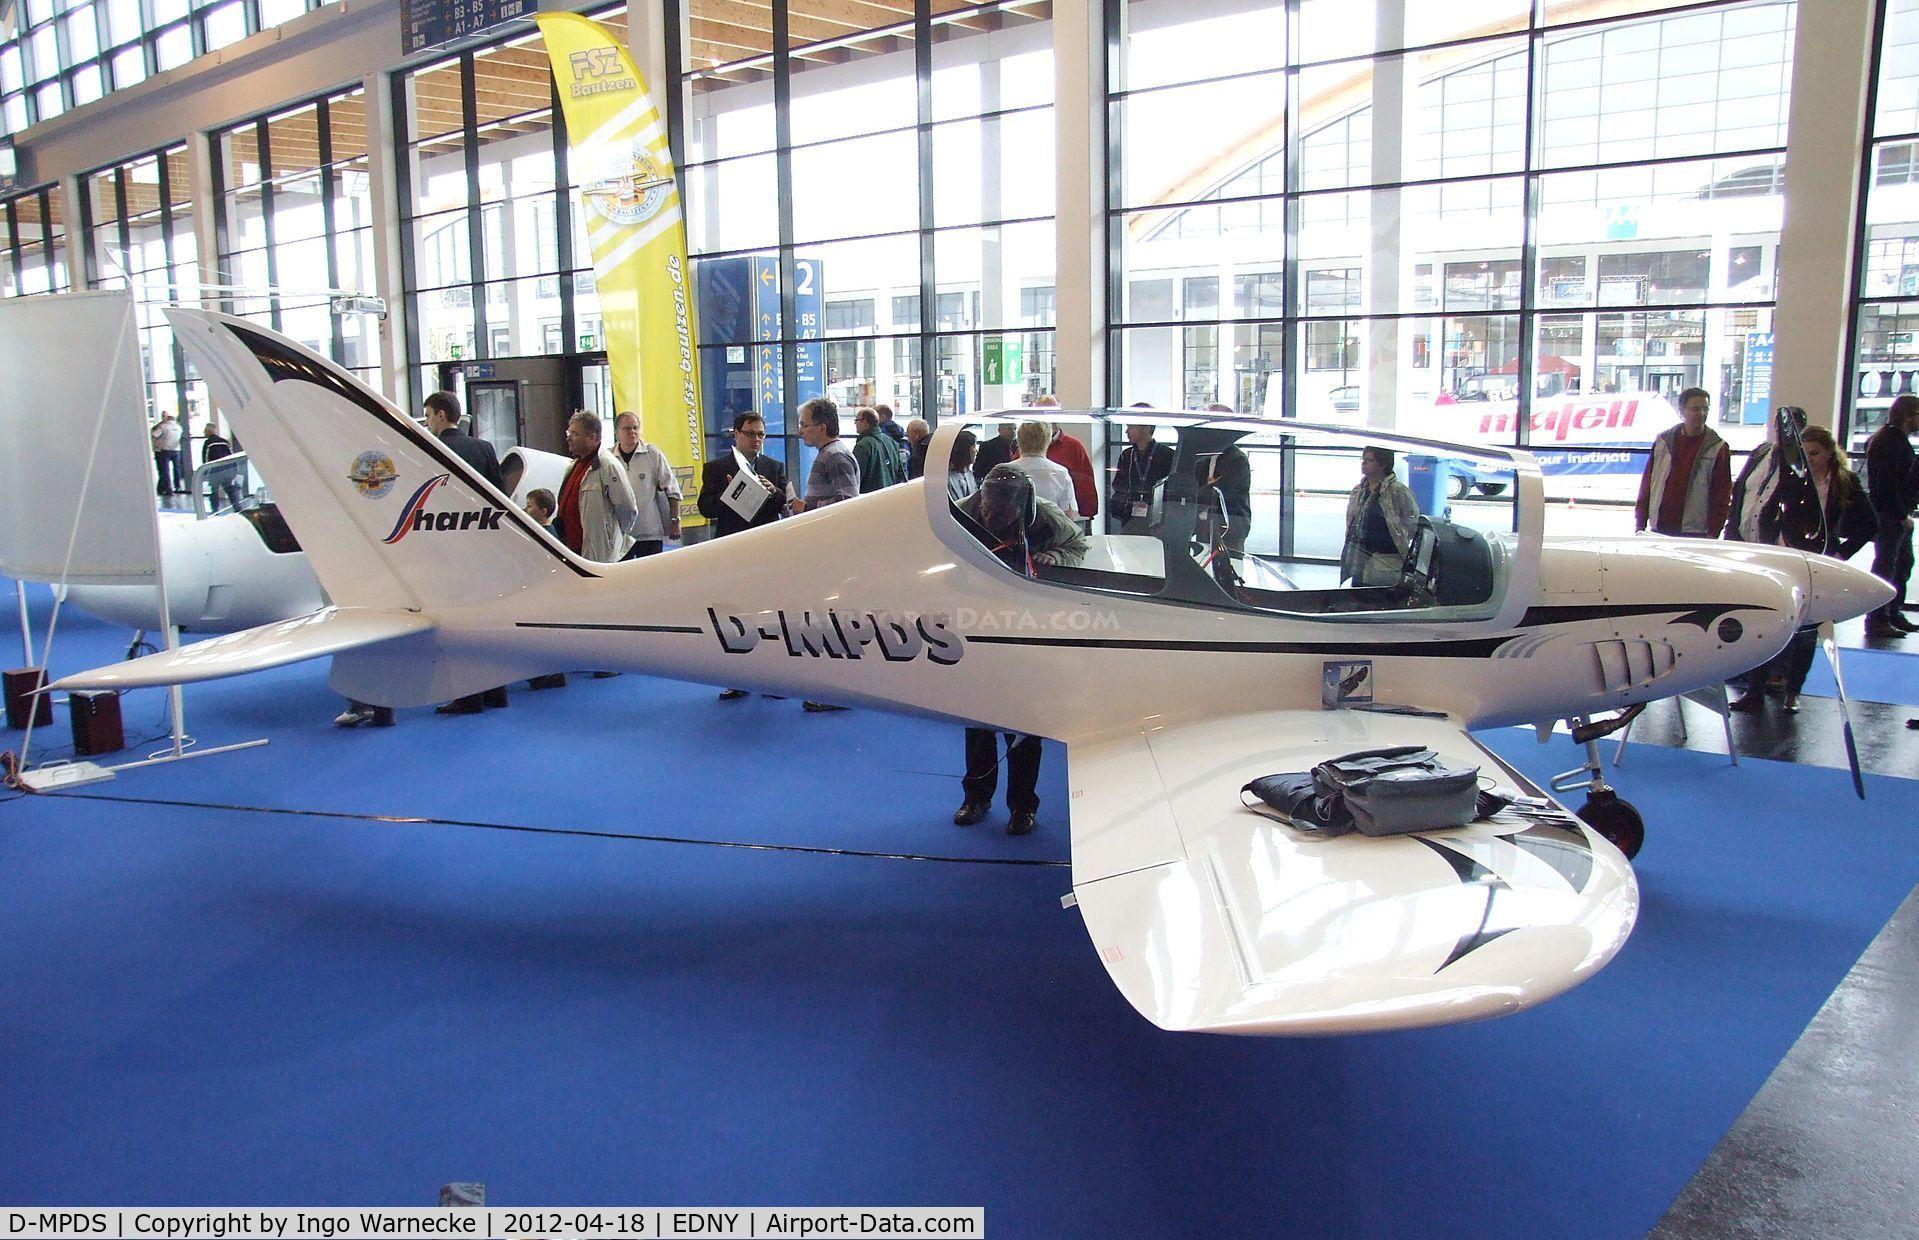 D-MPDS, 2012 Shark Aero Shark Premium C/N 007, Shark Aero Shark Premium at the AERO 2012, Friedrichshafen